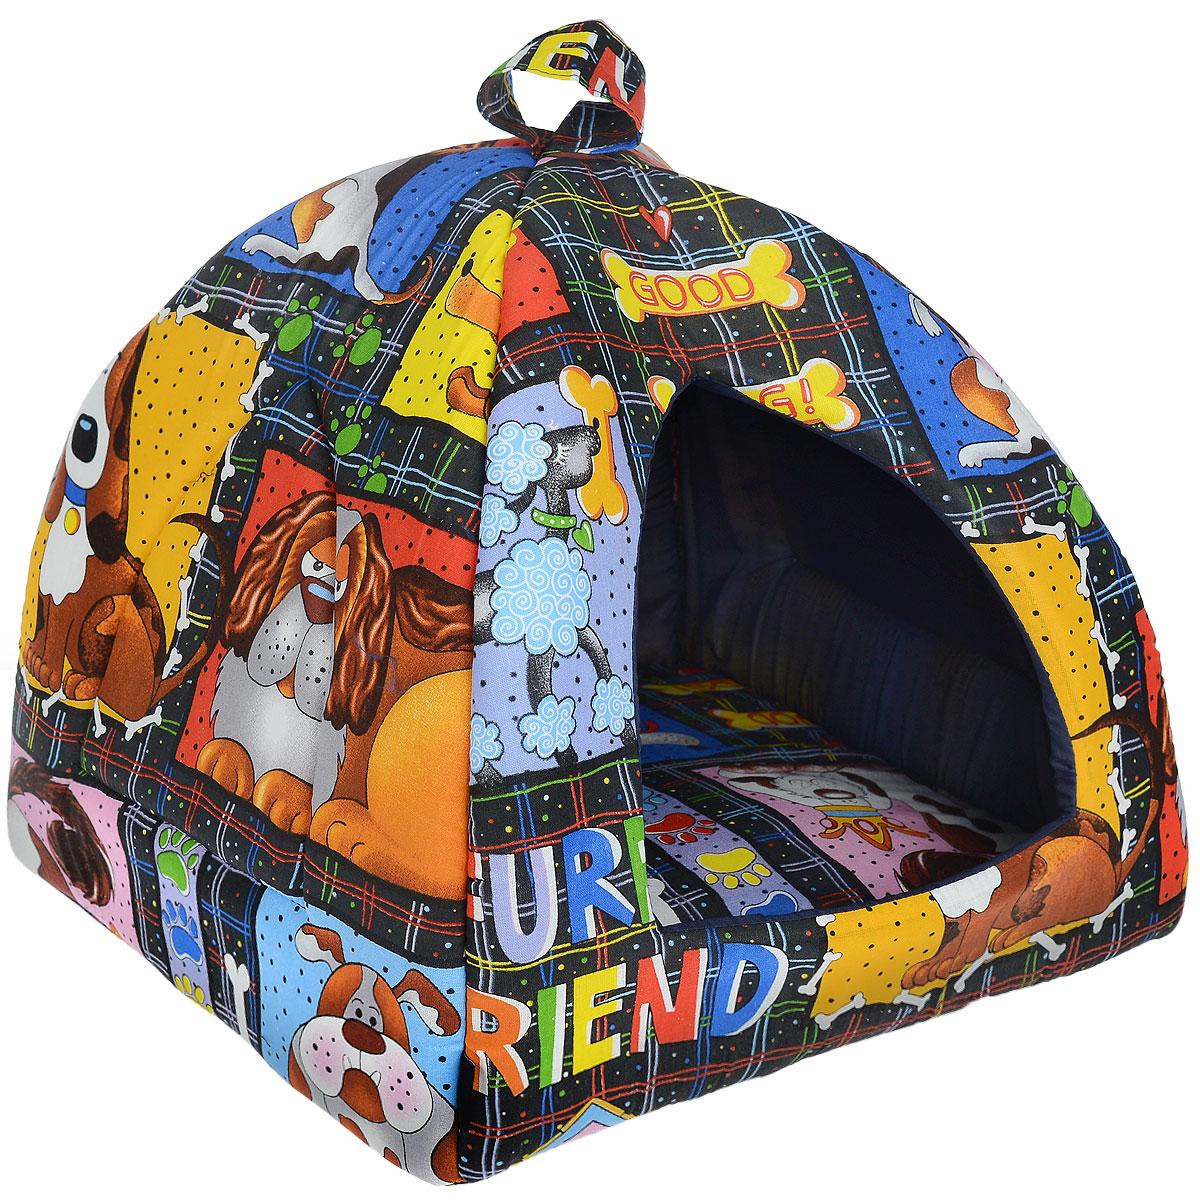 Домик для кошек и собак Гамма, цвет: синий, черный, 41 см х 41 см х 46 смДг-06000 синий, собакиДомик для кошек и собак Гамма обязательно понравится вашему питомцу. Домик предназначен для собак мелких пород и кошек. Изготовлен из хлопковой ткани с красивым принтом, внутри - мягкий наполнитель из мебельного поролона. Стежка надежно удерживает наполнитель внутри и не позволяет ему скатываться. Домик очень удобный и уютный, он оснащен мягкой съемной подстилкой из поролона.Ваш любимец сразу же захочет забраться внутрь, там он сможет отдохнуть и спрятаться. Компактные размеры позволят поместить домик, где угодно, а приятная цветовая гамма сделает его оригинальным дополнением к любому интерьеру. Размер подушки: 39 см х 39 см х 2 см. Внутренняя высота домика: 39 см. Толщина стенки: 2 см.